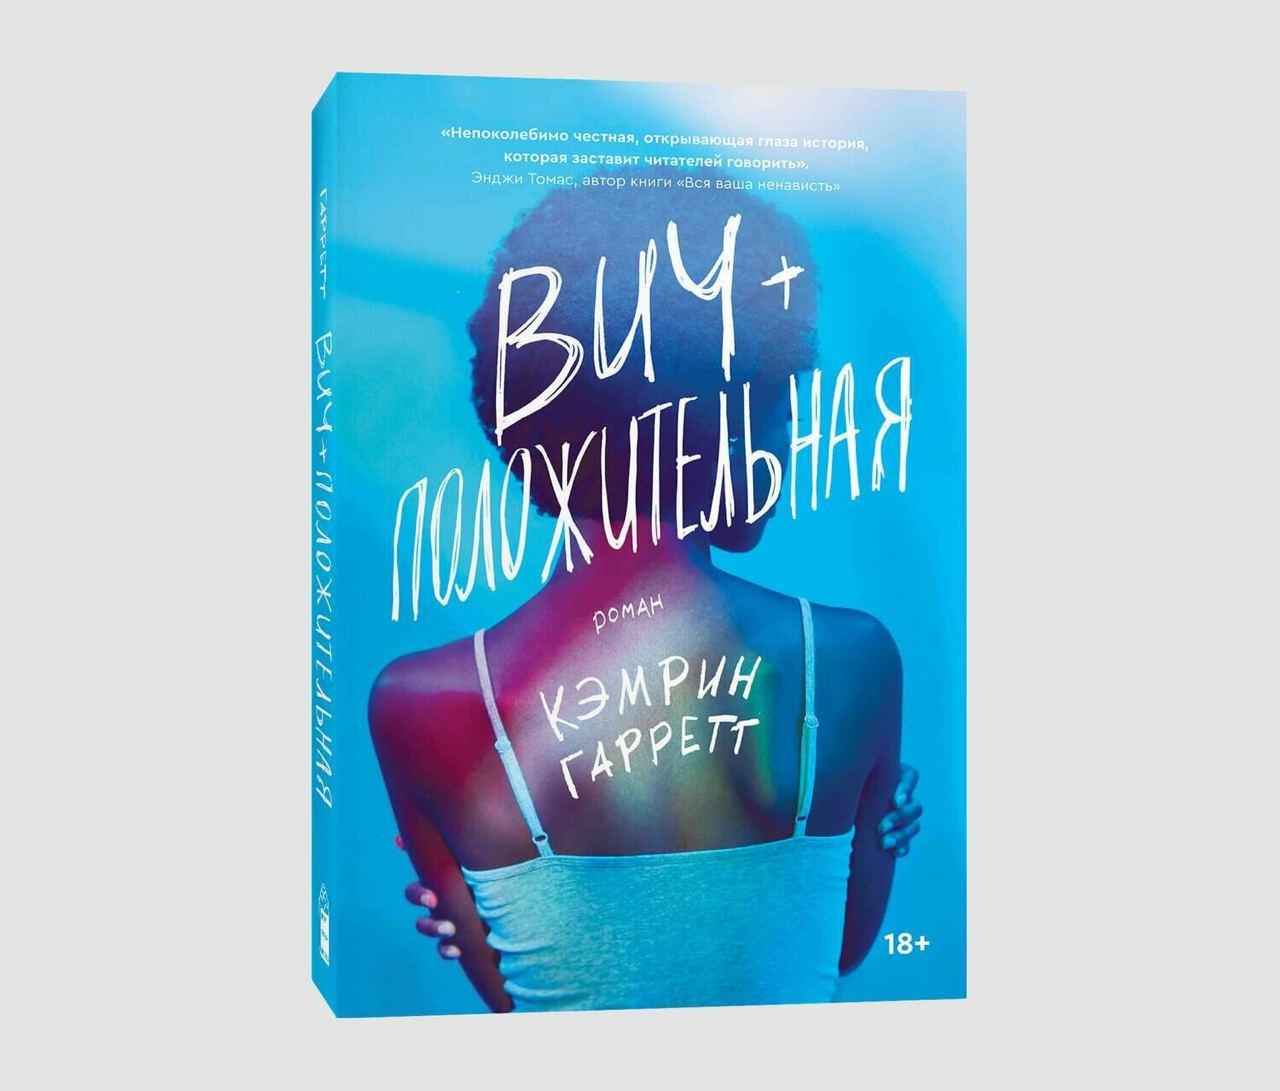 «ВИЧ-положительная» Кэмрин Гарретт  Popcorn Books, перевод Лены...